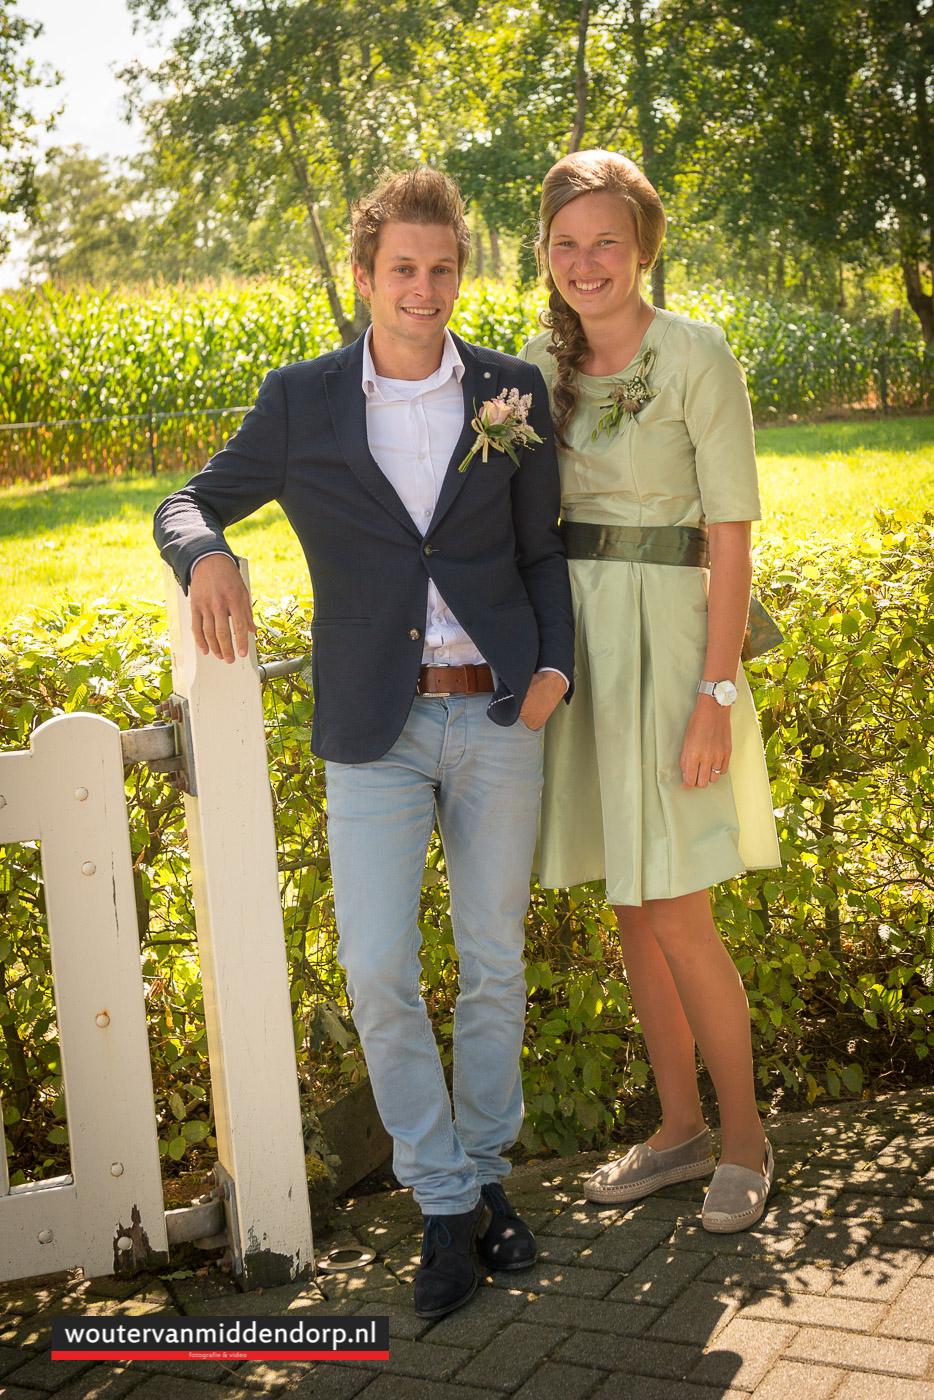 bruidsfotografie Wouter van Middendorp Uddel, Harskamp, Lunteren, Barneveld, fotograaf-22